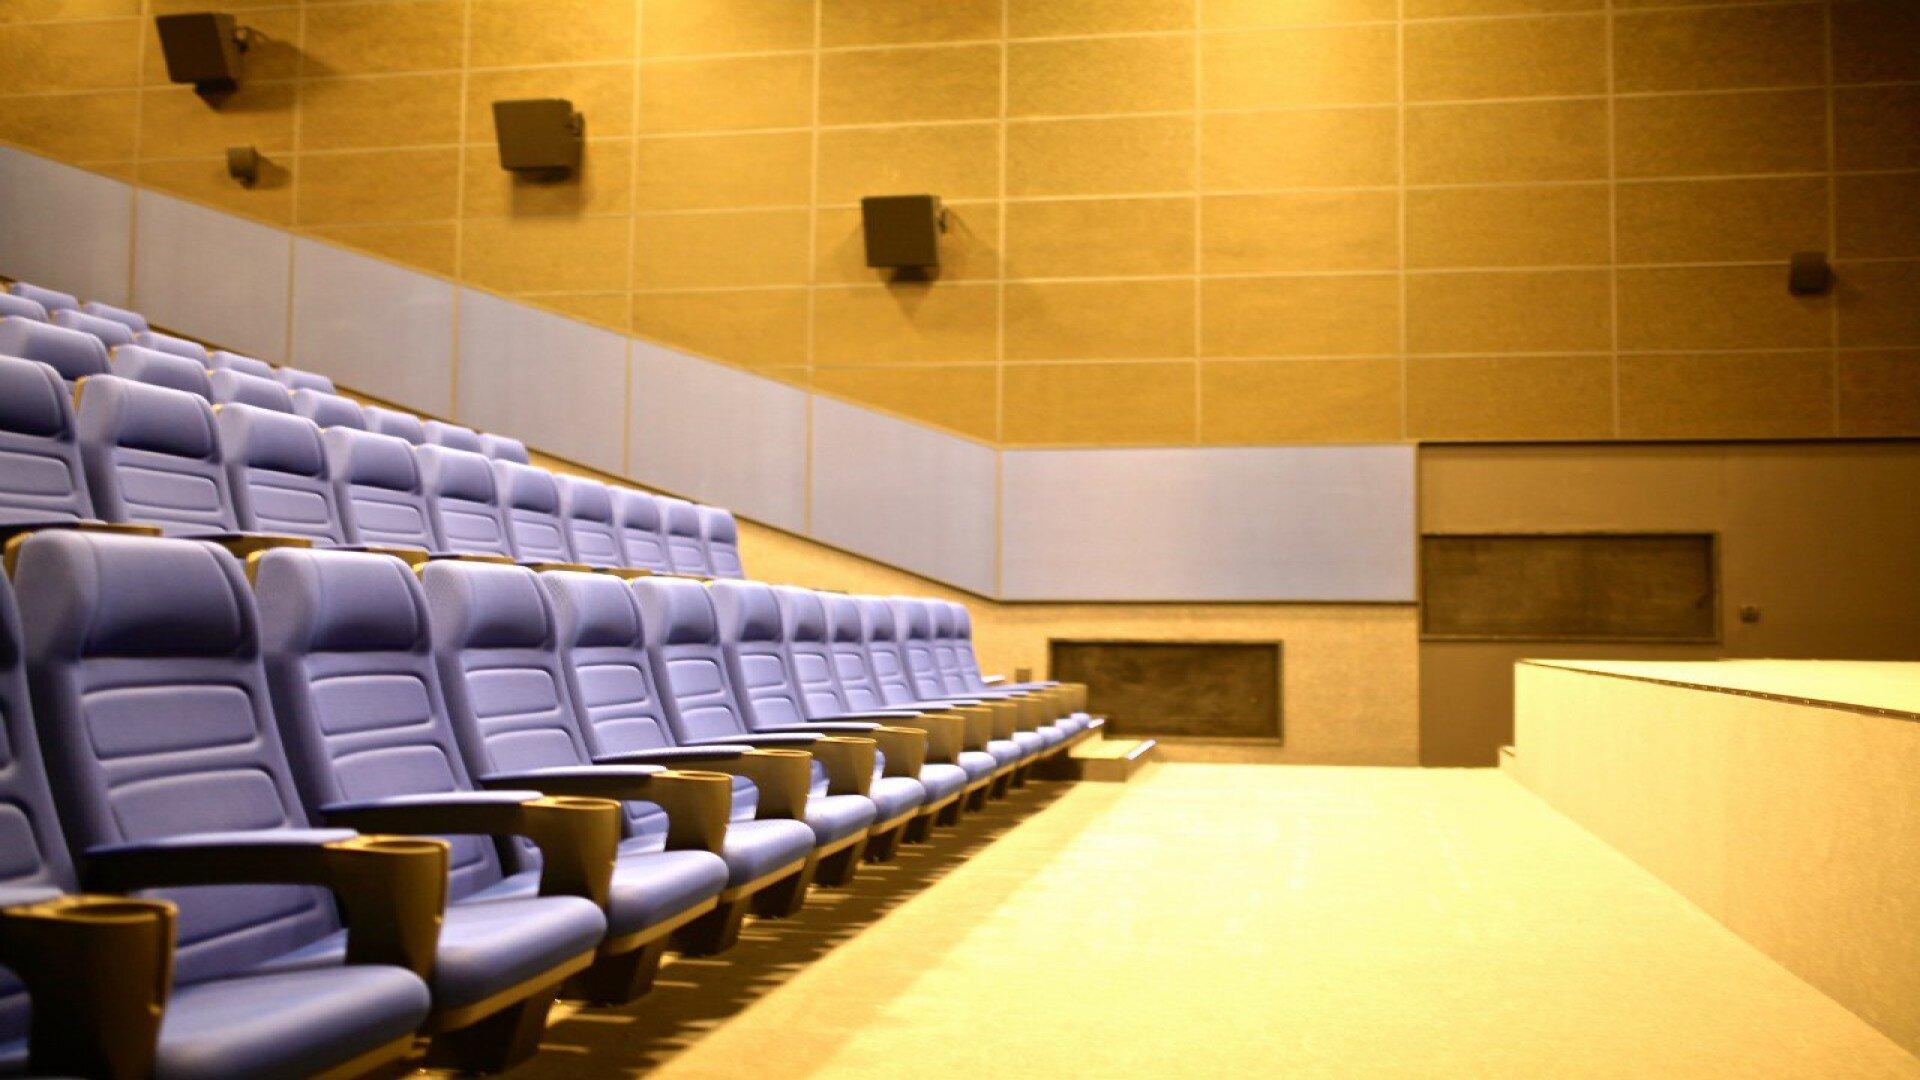 кинотеатр салют центр в ставрополе расписание сеансов цены на